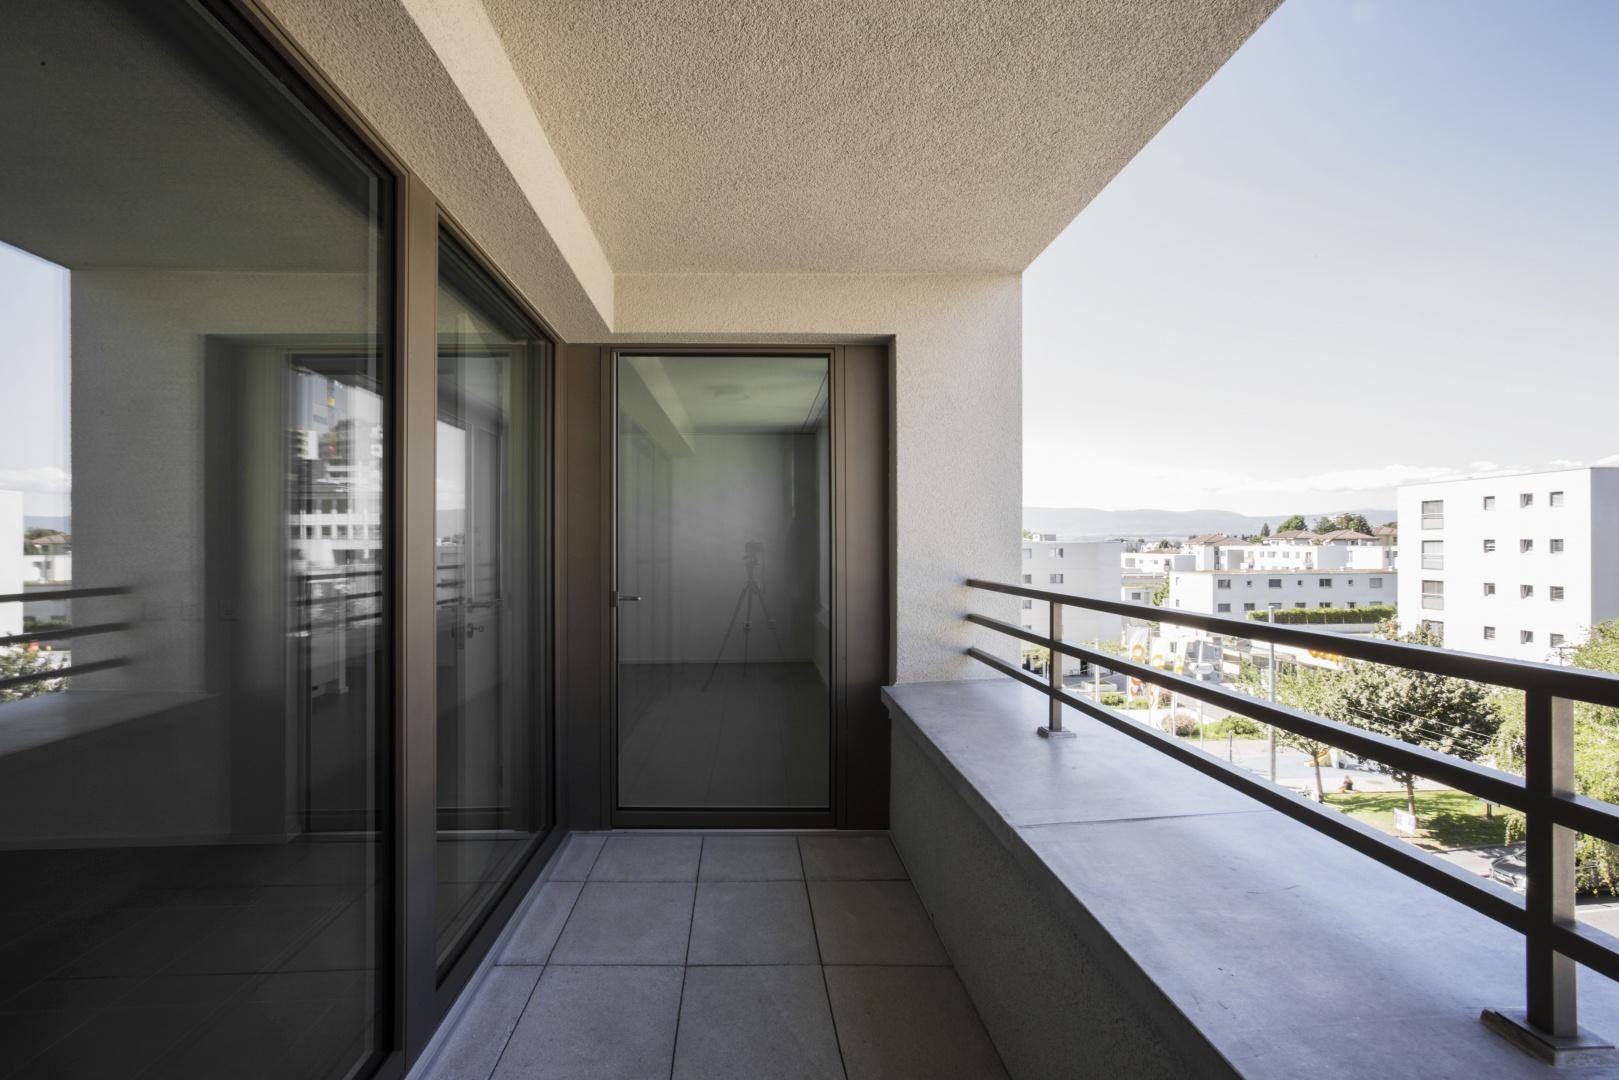 Loggia © Fruehauf, Henry & Viladoms SA